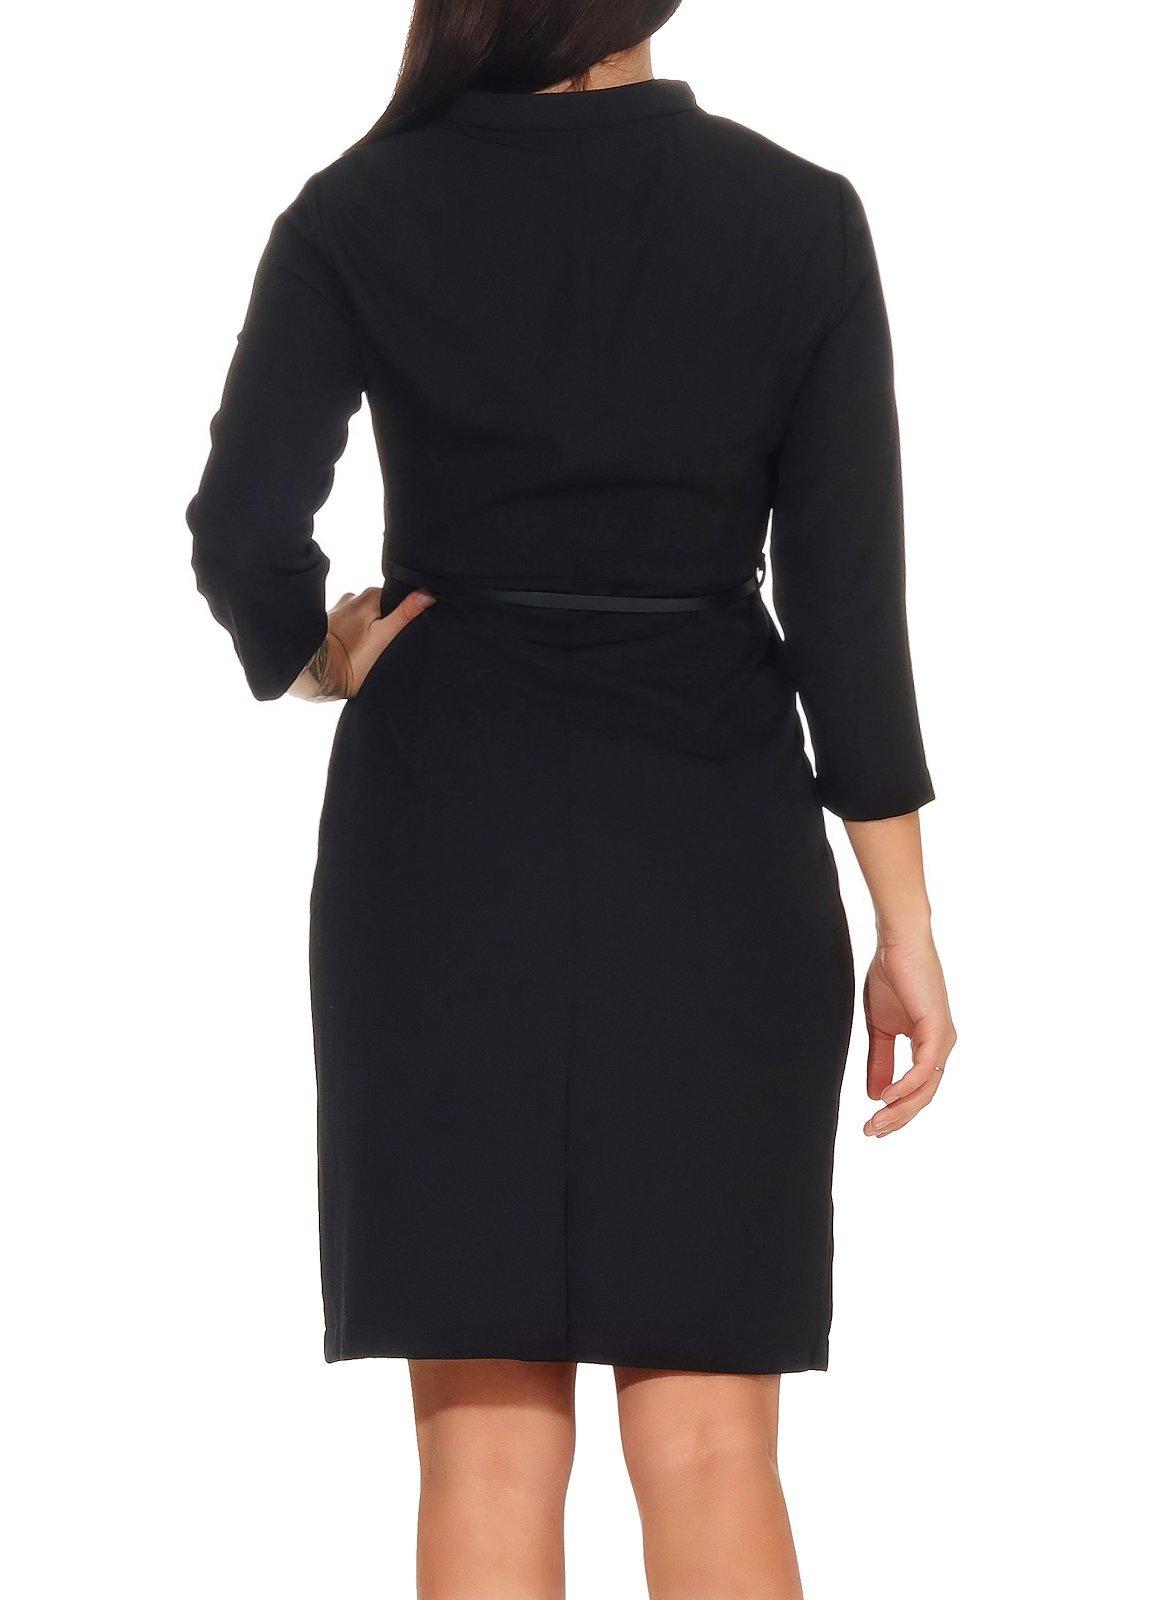 Vero Moda Damen Kleid Erin 3/4 Pincel Dress | Röcke ...